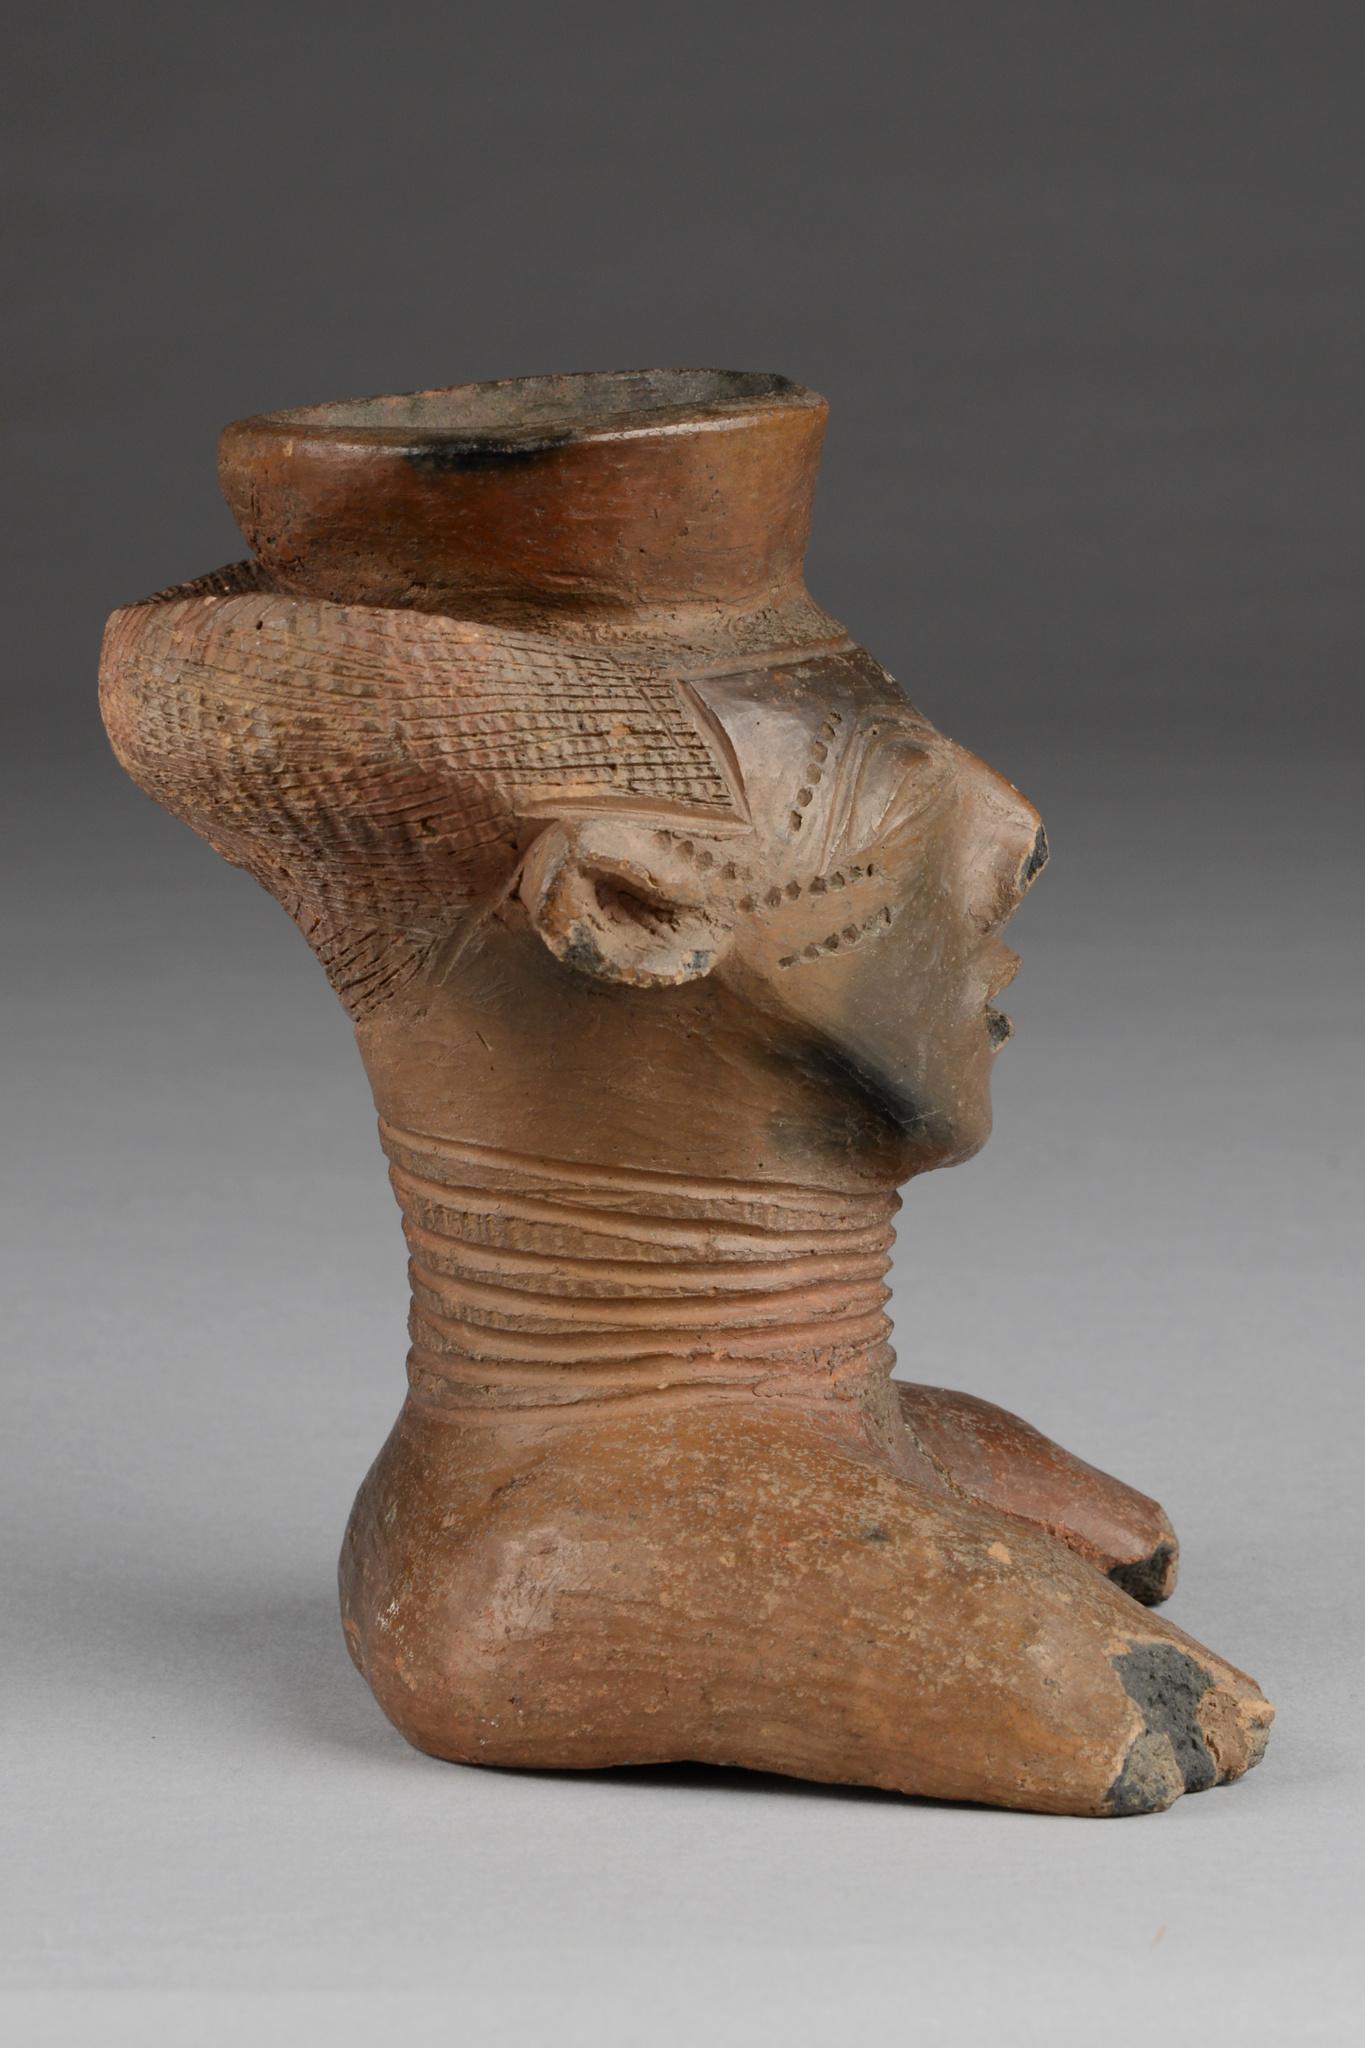 Anthropomorphic vessel